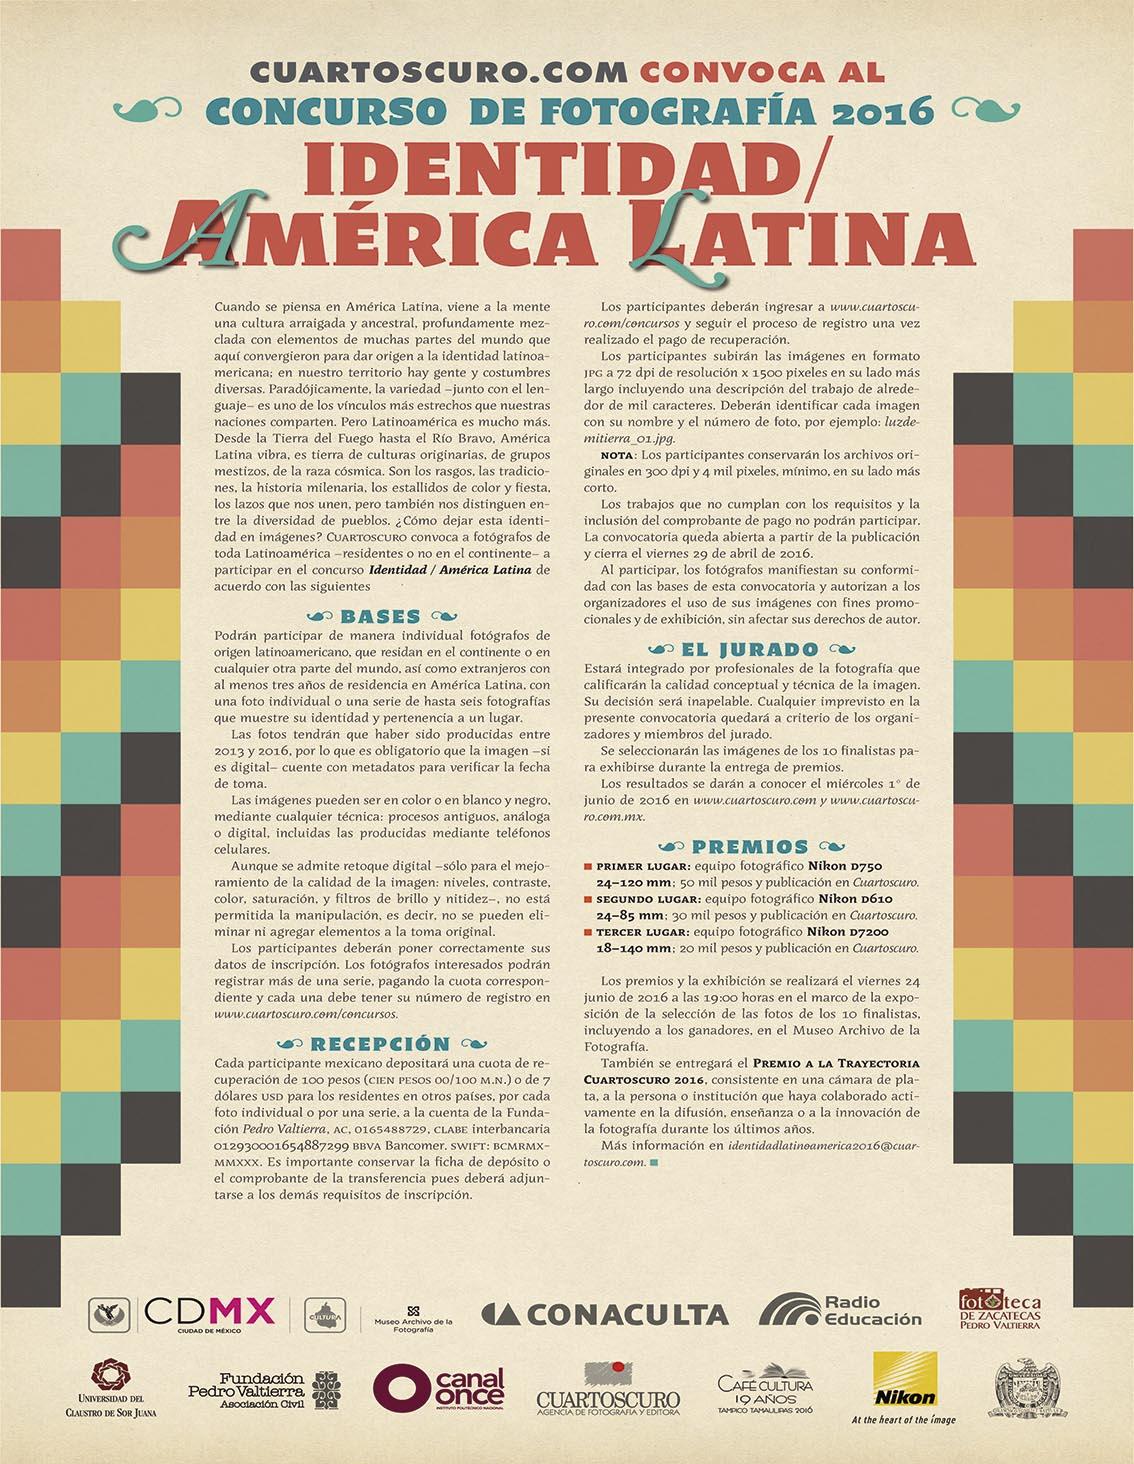 """Photo of Cuartoscuro.com convoca al concurso de fotografía 2016 """"Identidad / América Latina"""""""